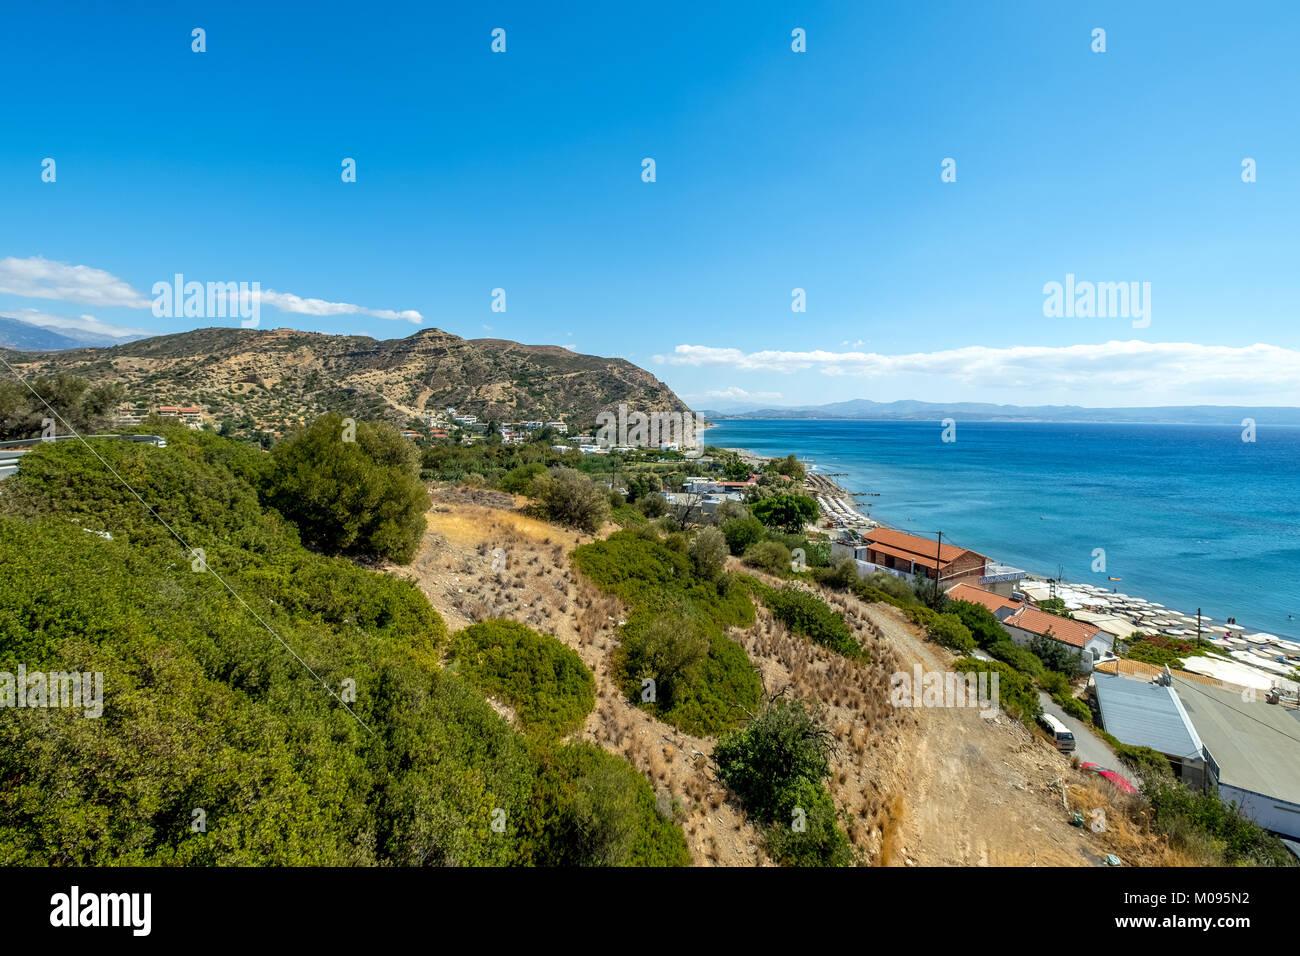 South Coast Of Crete Stock Photos Amp South Coast Of Crete